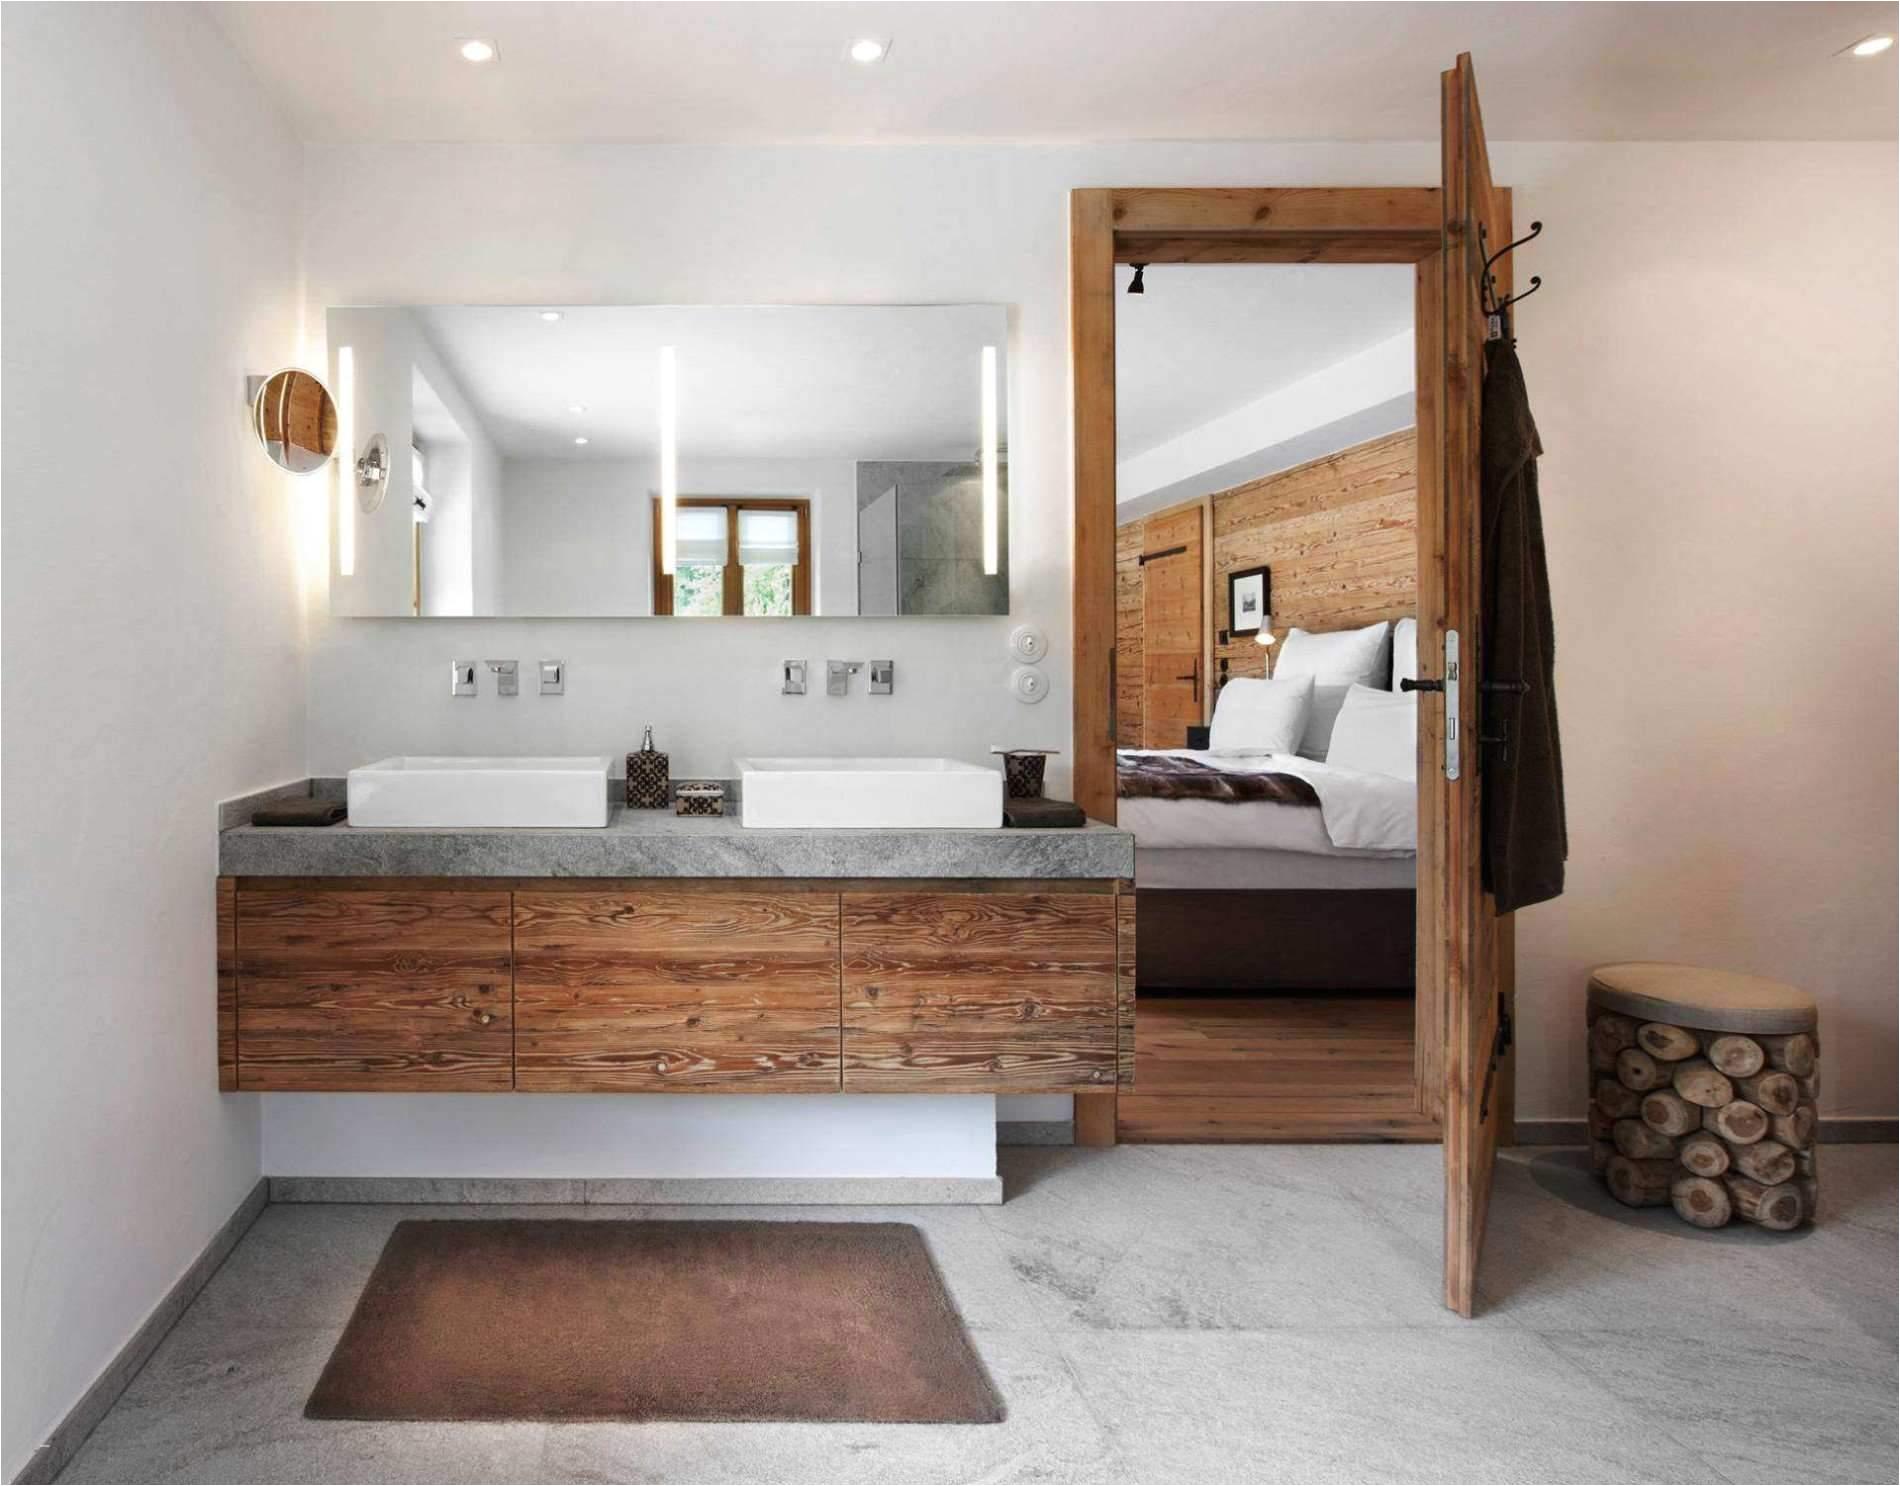 wanddekoration wohnzimmer das beste von 45 beste von wanddeko wohnzimmer ideen design of wanddekoration wohnzimmer